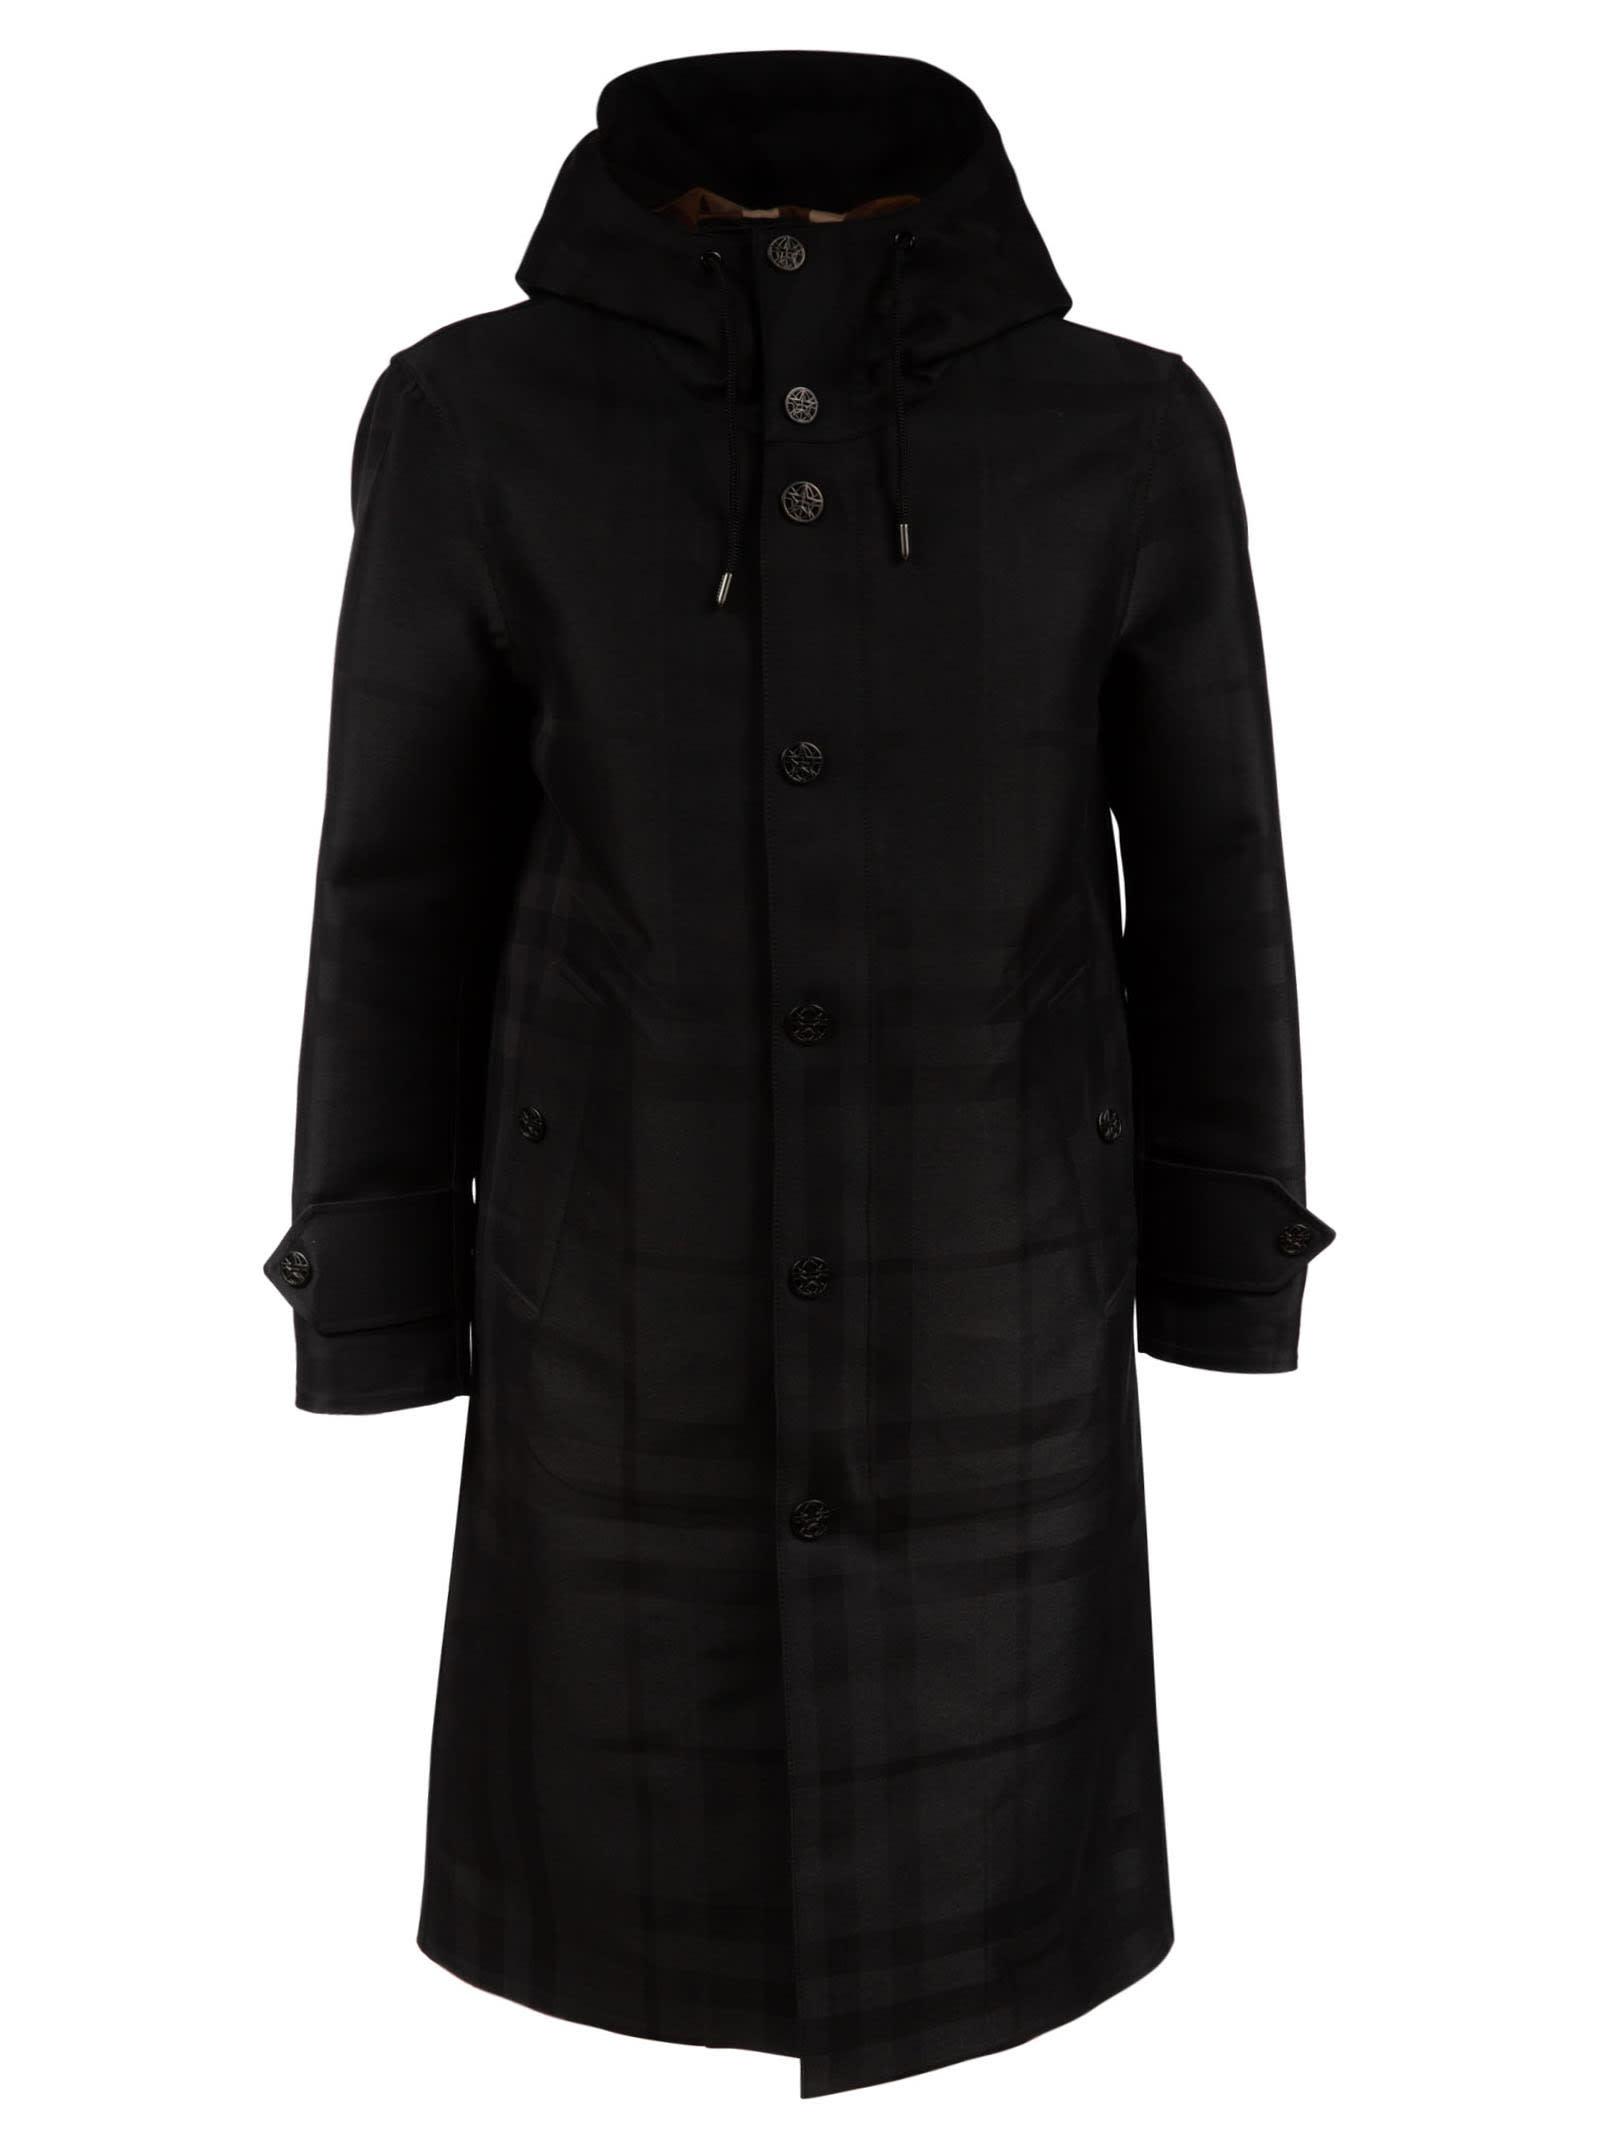 Burberry Witham Coat